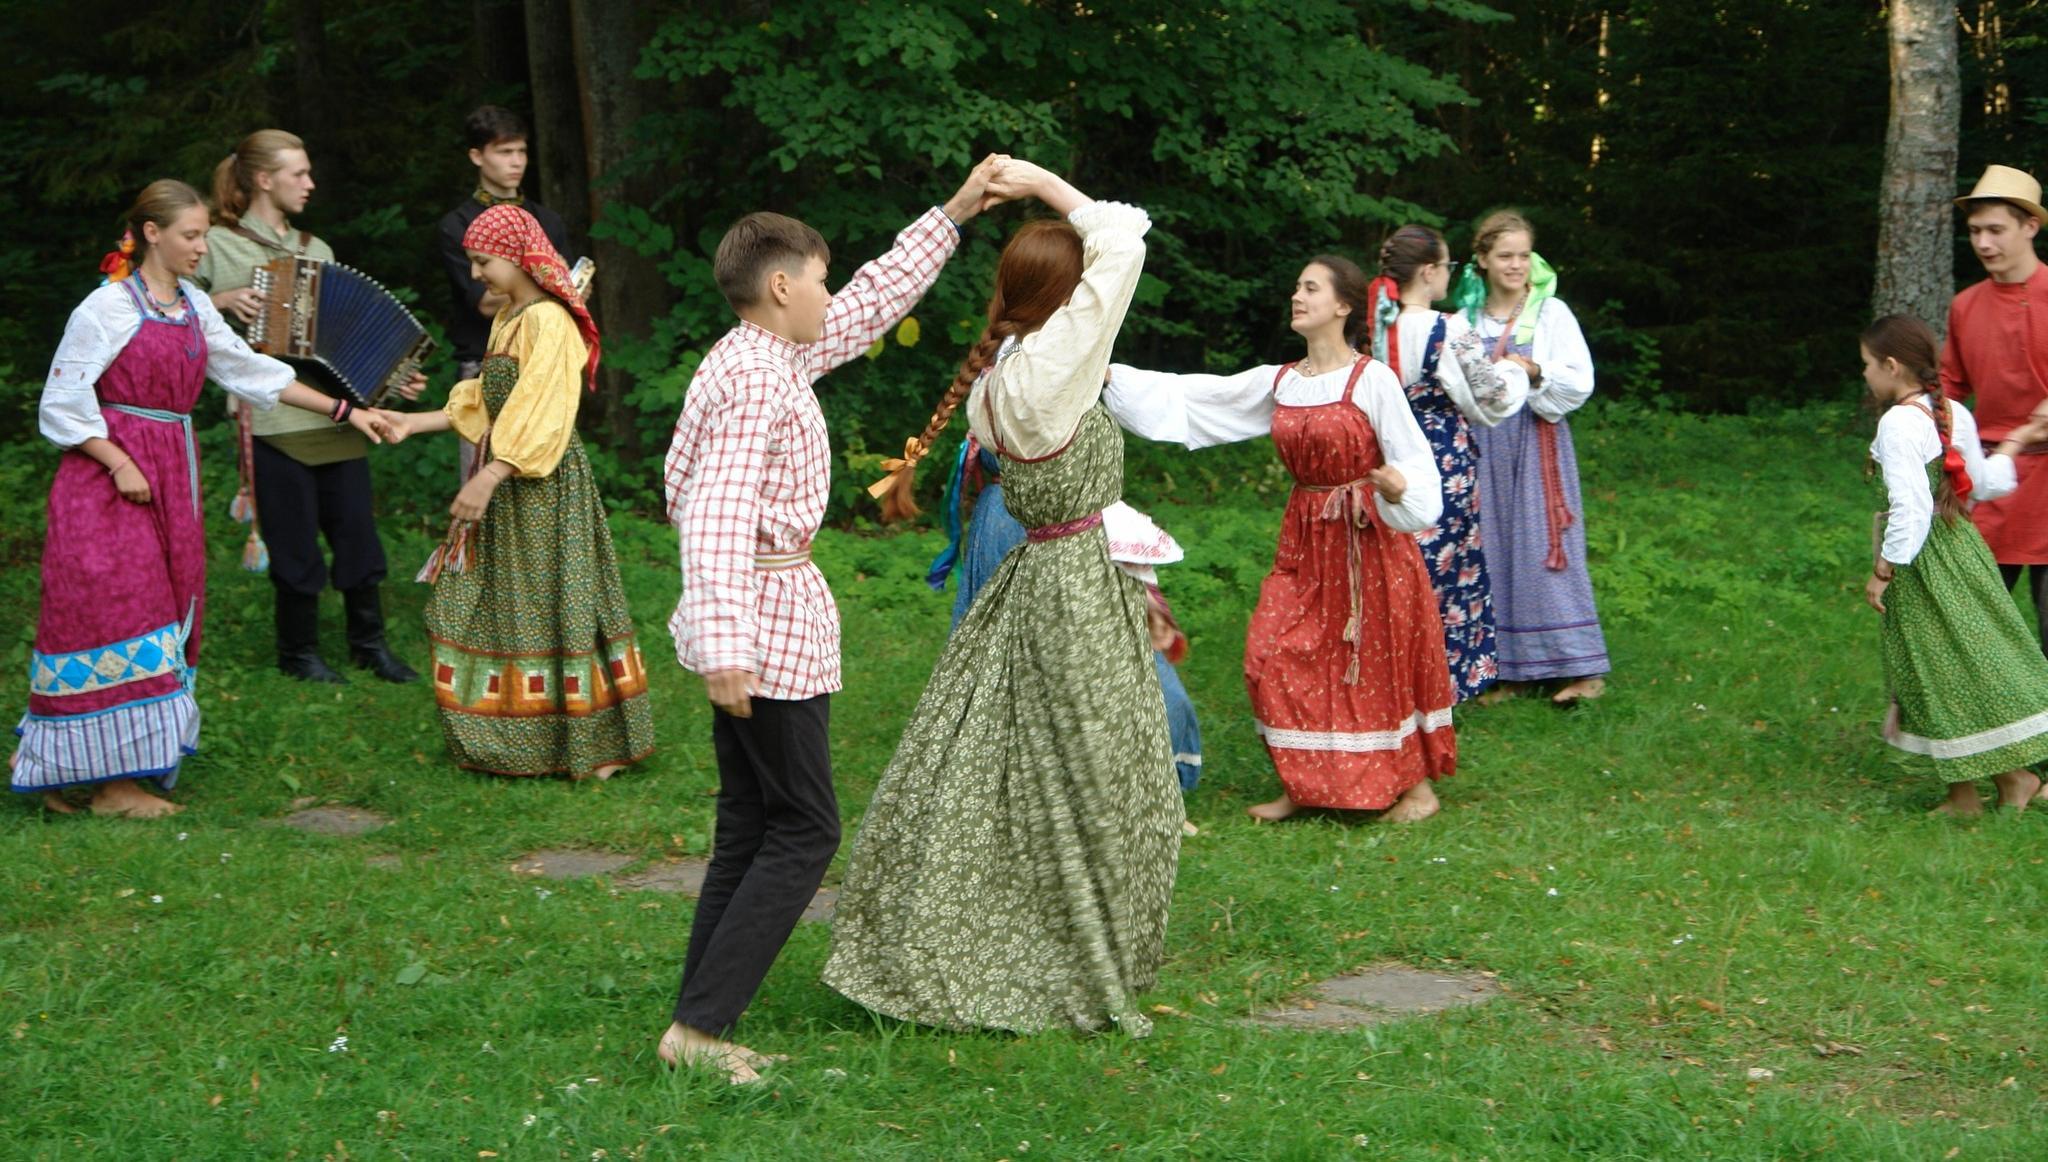 Всероссийский фольклорный фестиваль «Живая Русь» пройдет в Тверской области - новости Афанасий